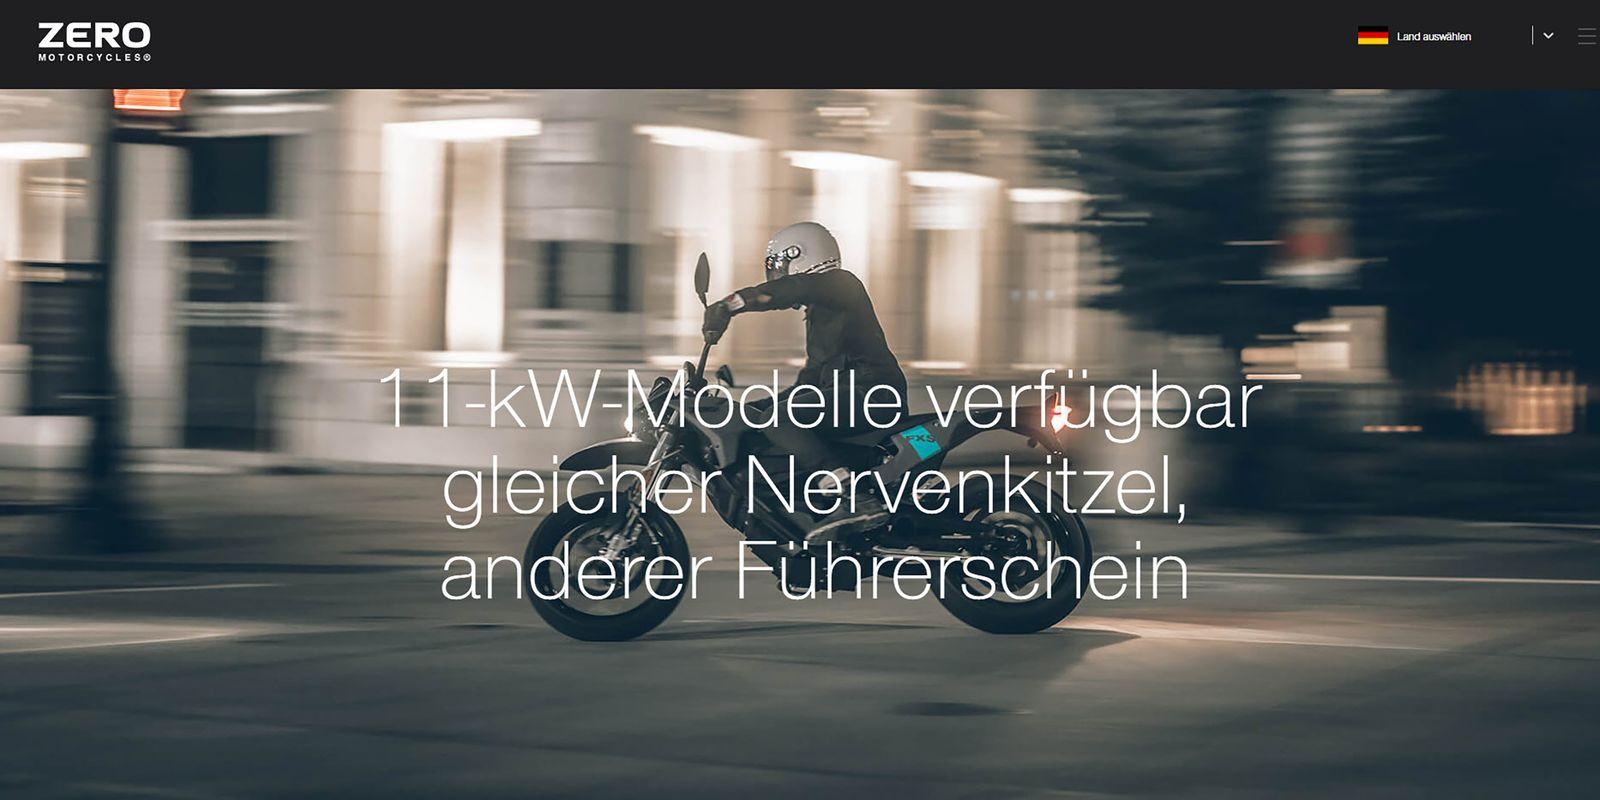 Zero Motorcycles Website